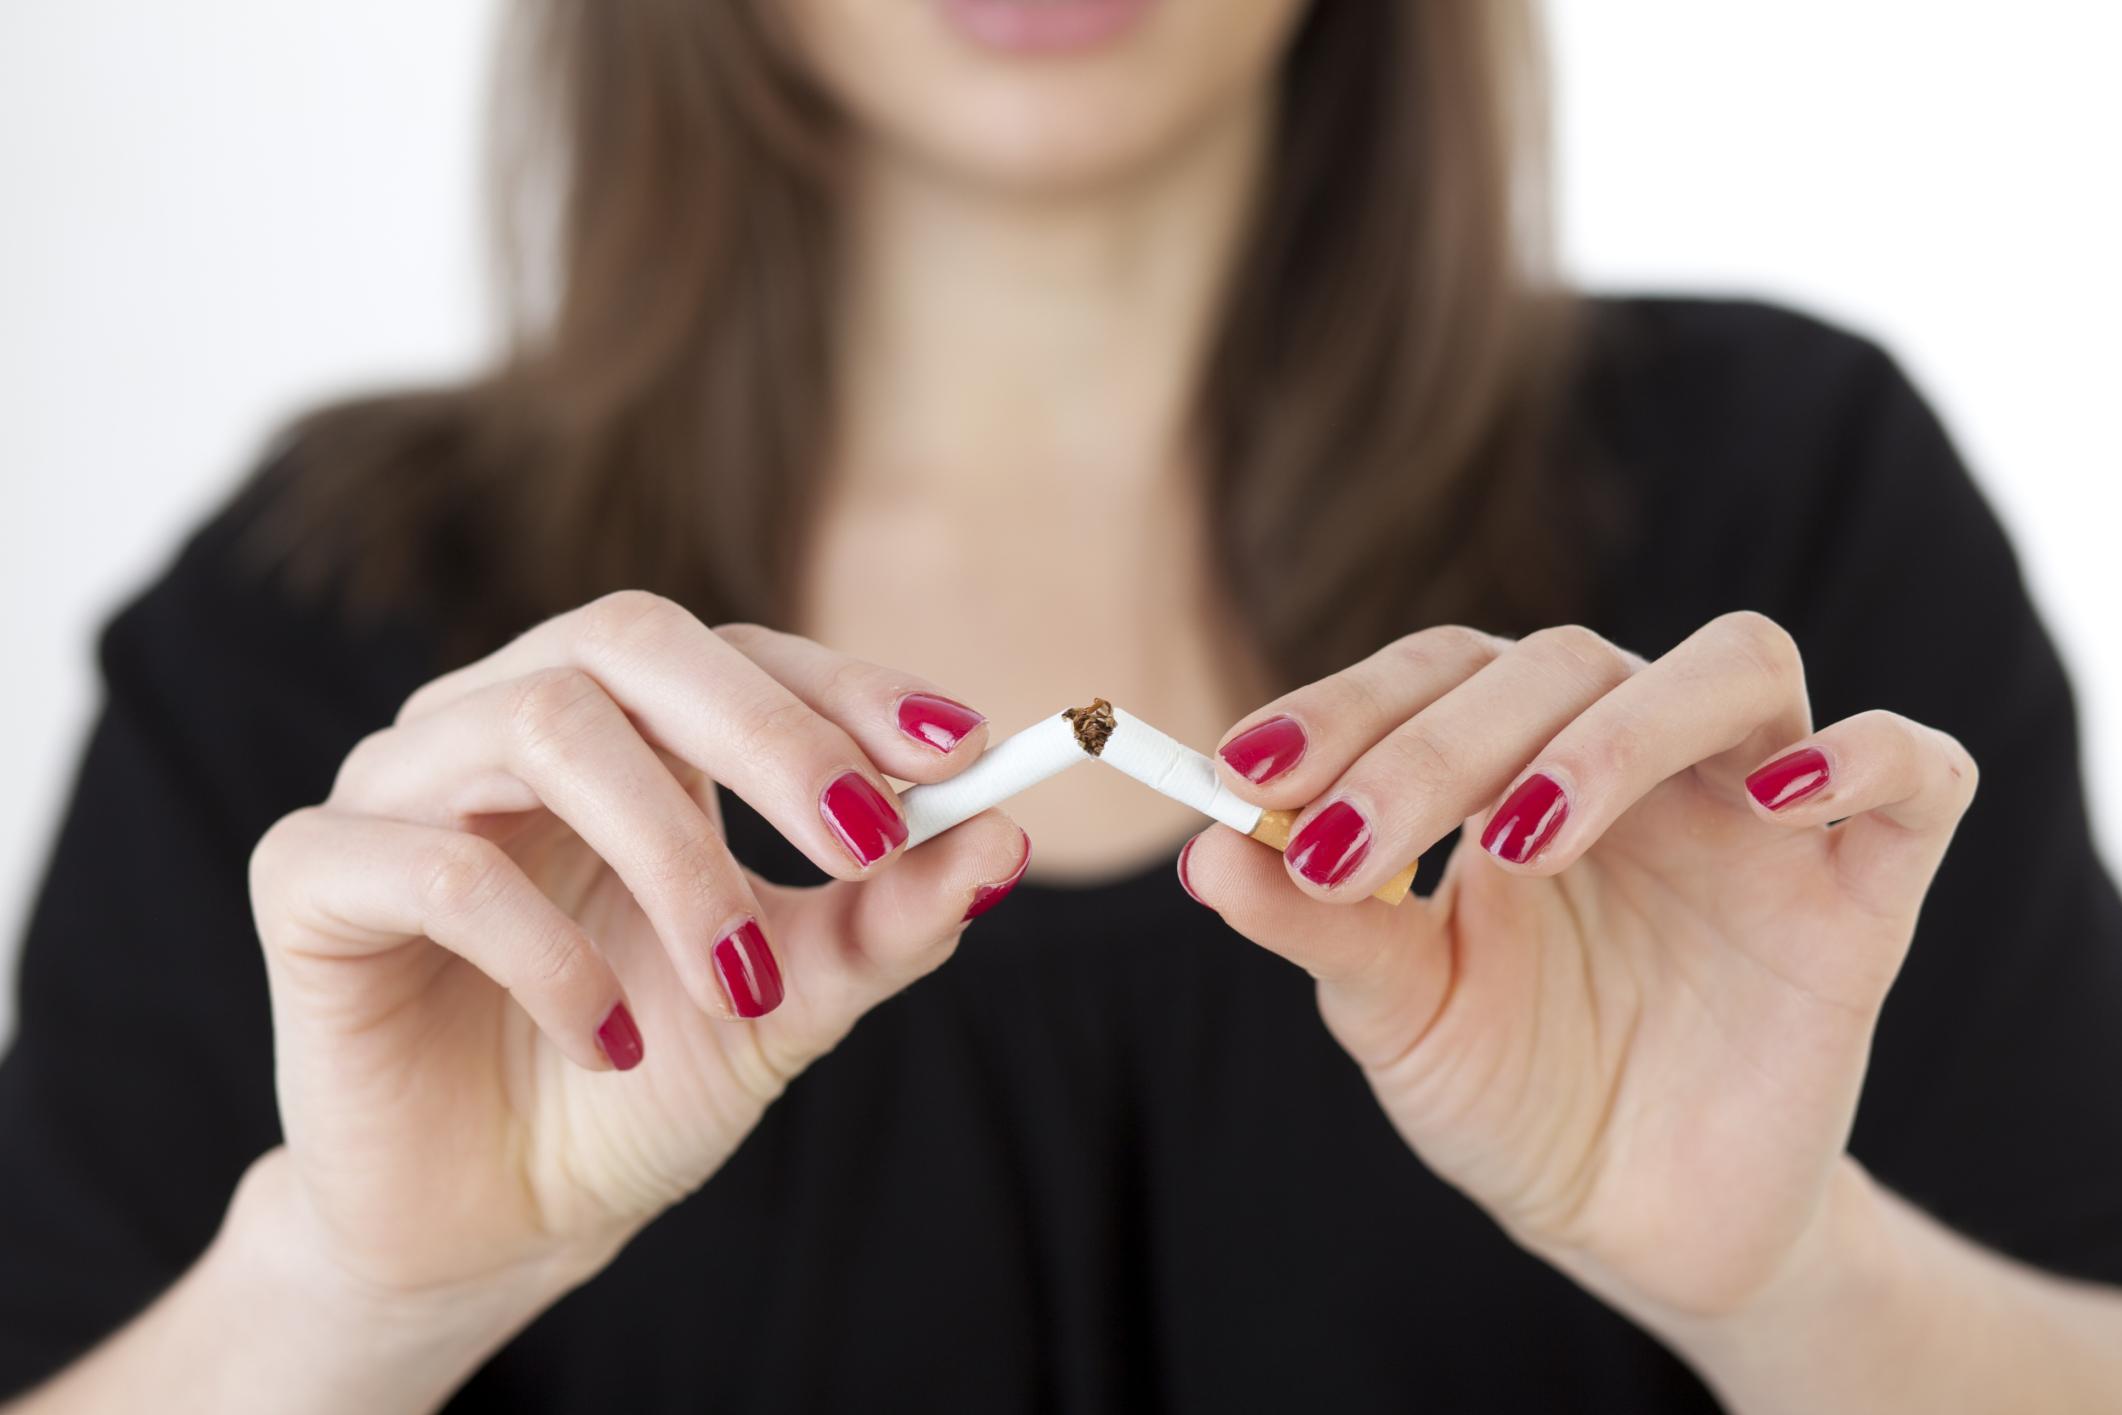 ha abbahagyja a dohányzást, helyreáll a haja